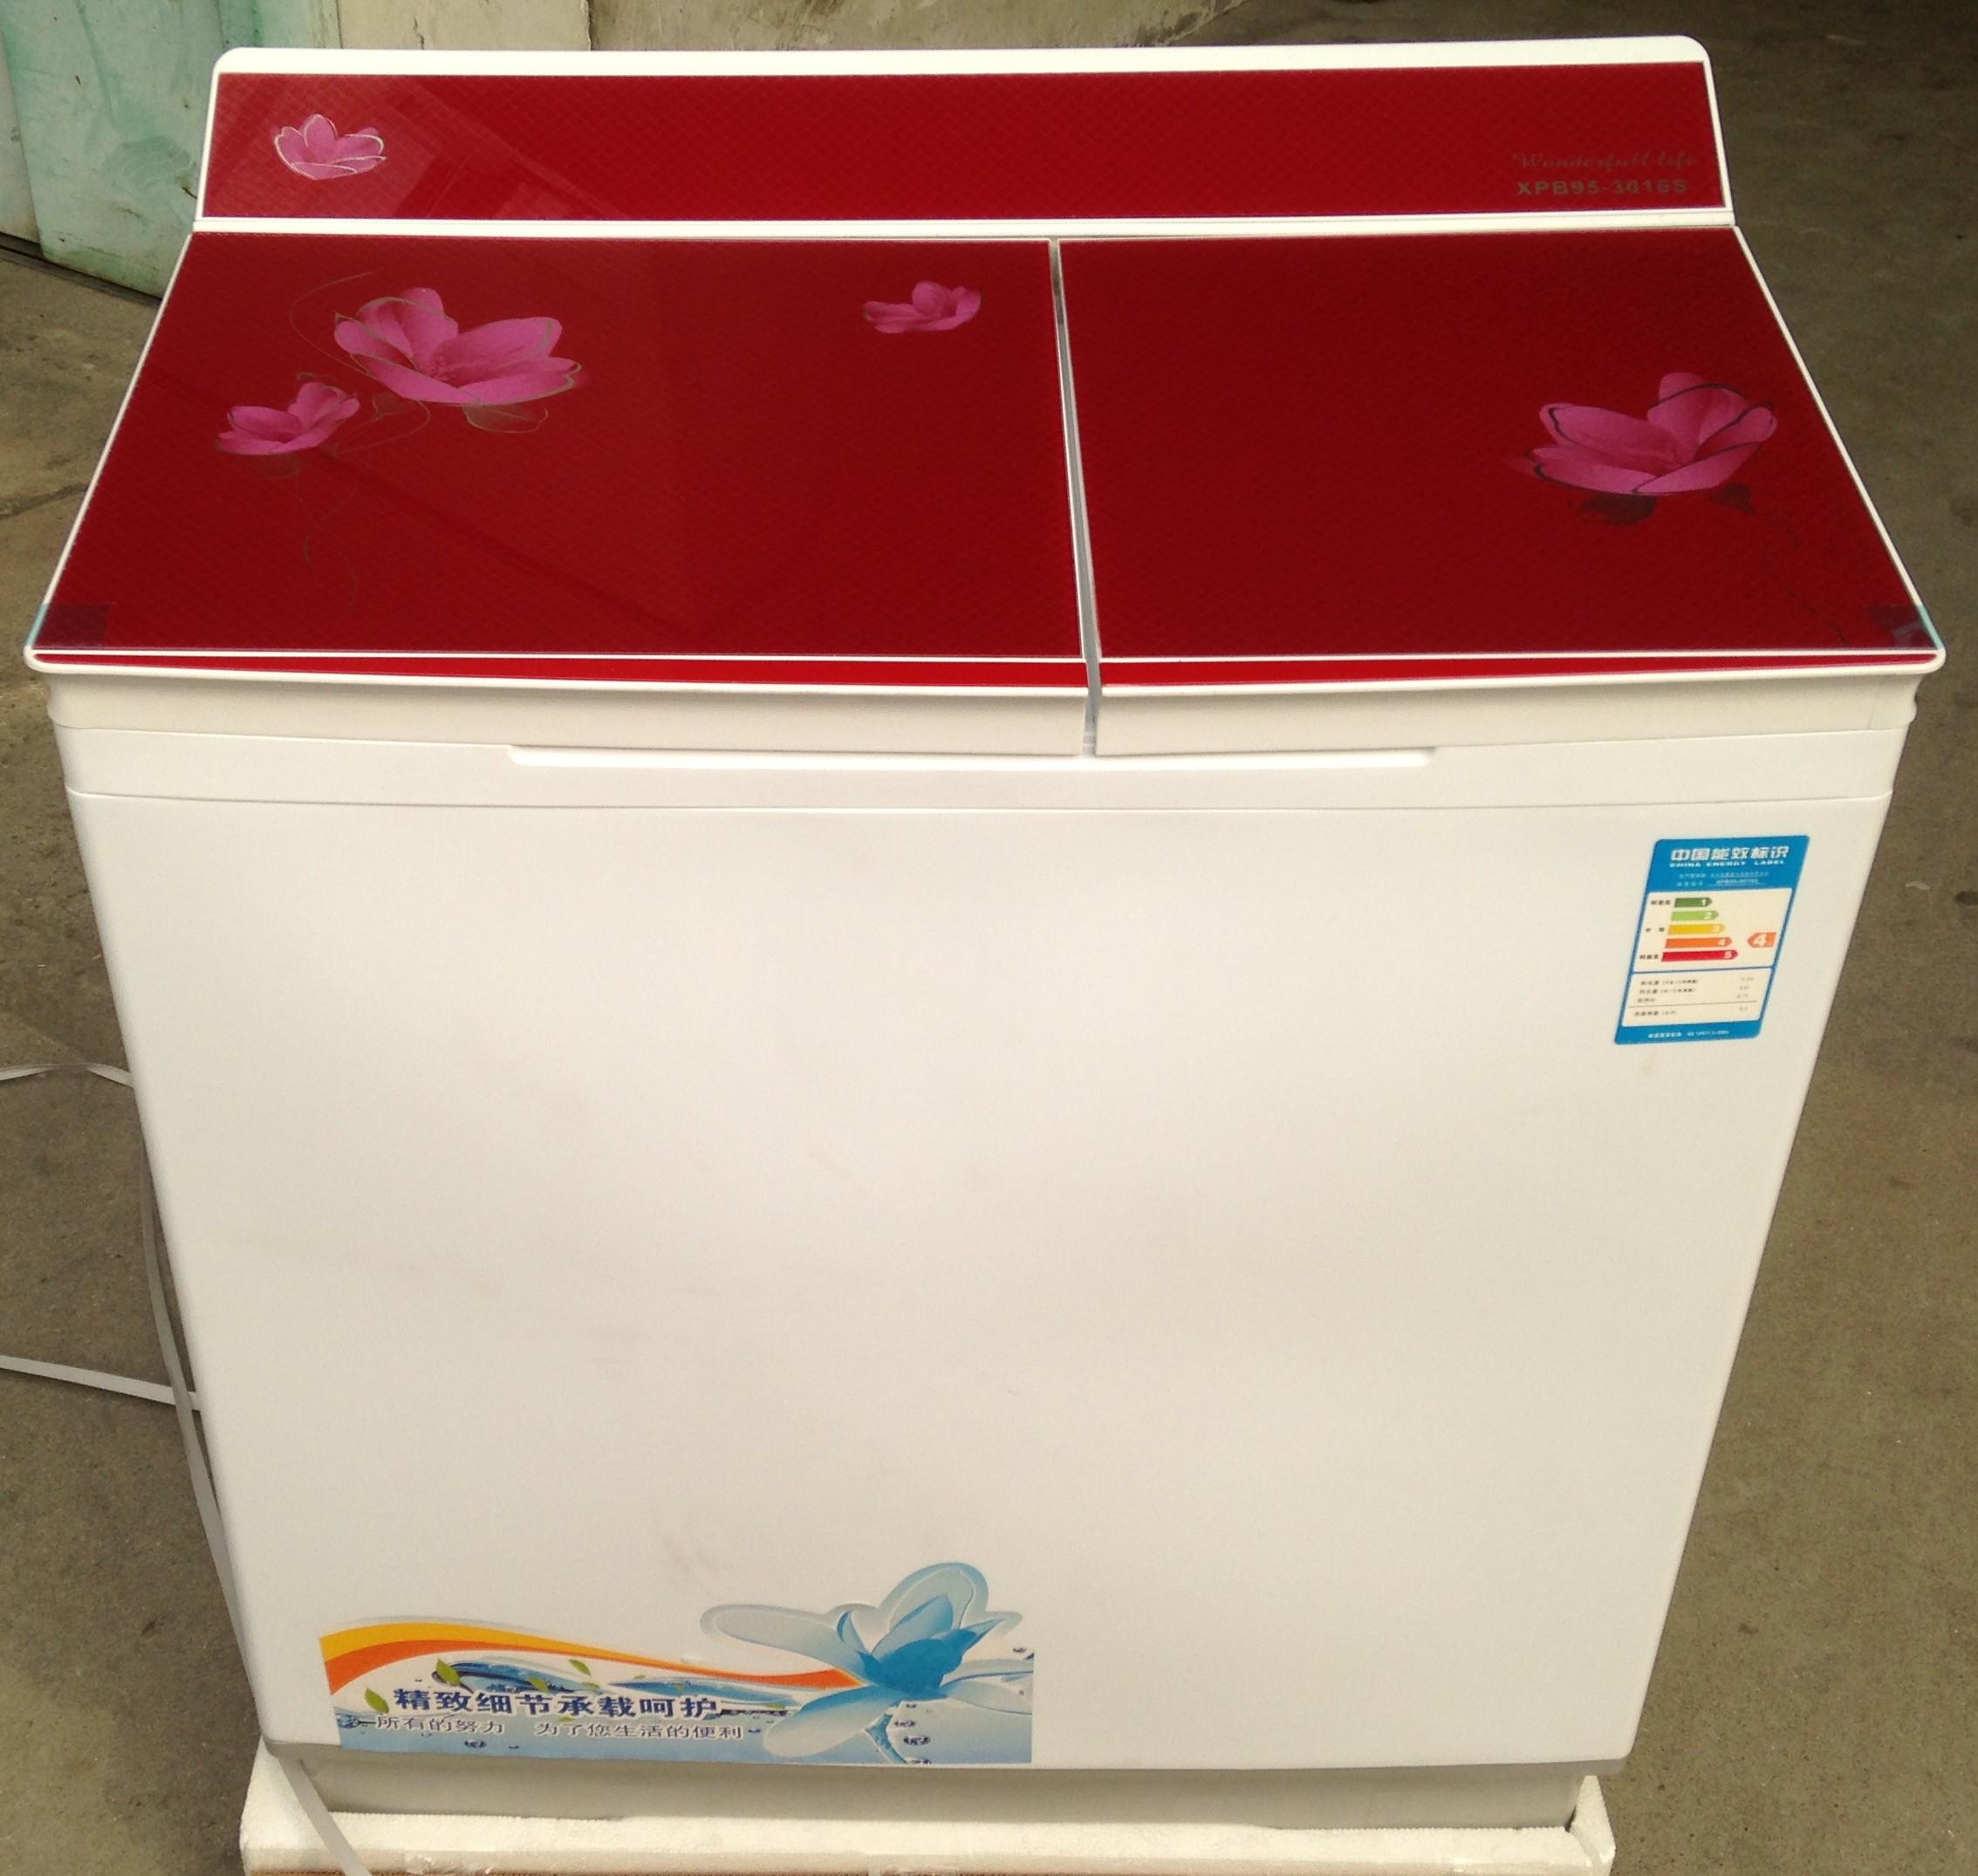 5公斤双桶洗涤脱水两用半自动洗衣机